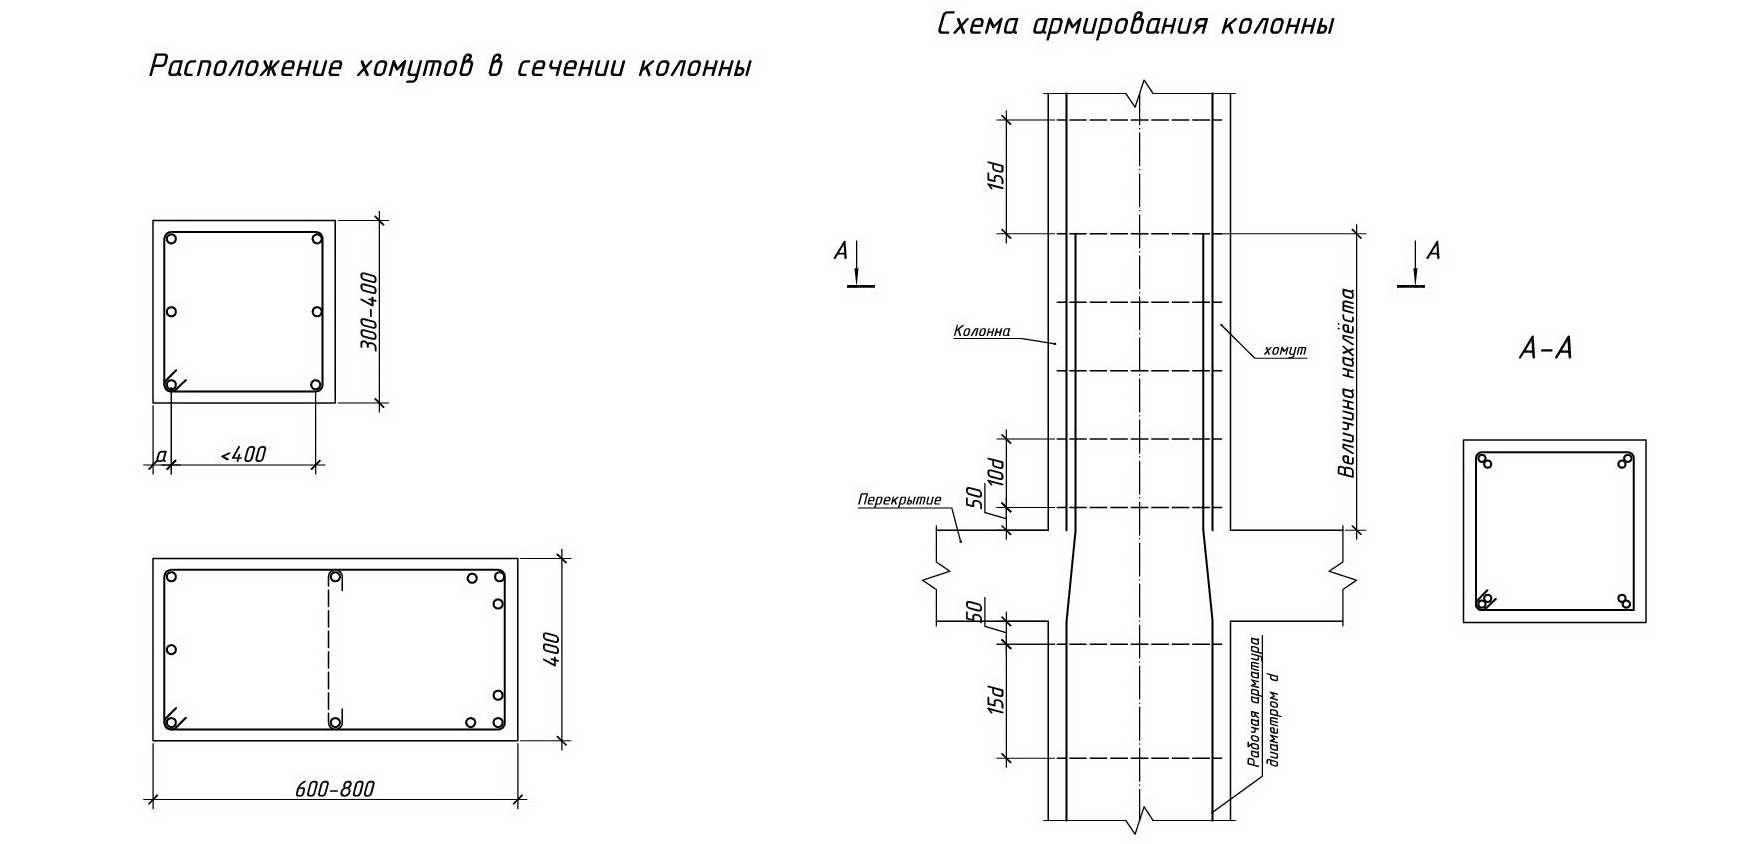 Схема армирования монолитной колонны